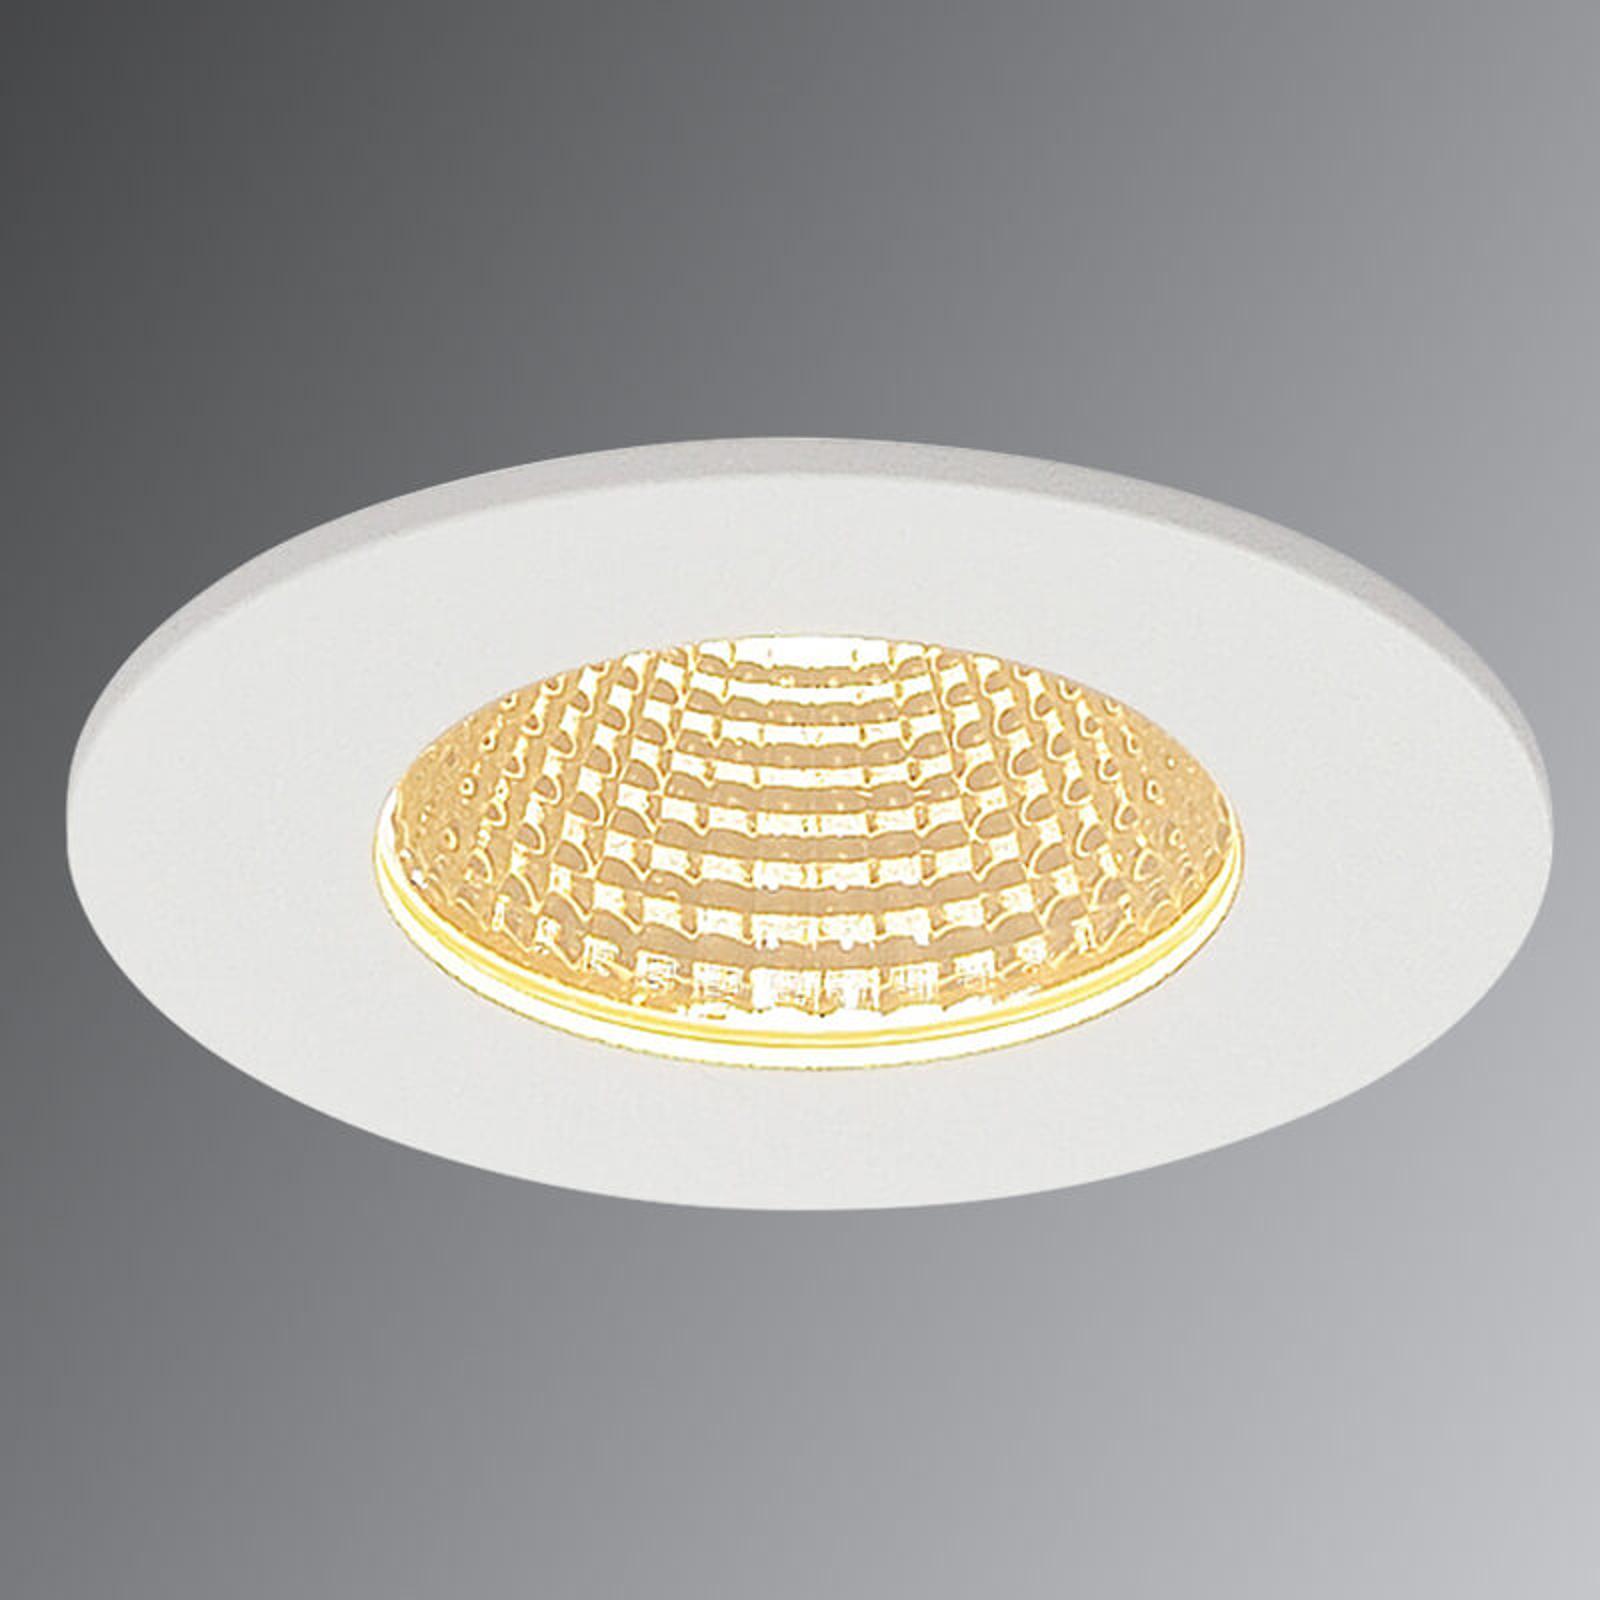 SLV Patta-I LED-Einbauleuchte rund, weiß matt